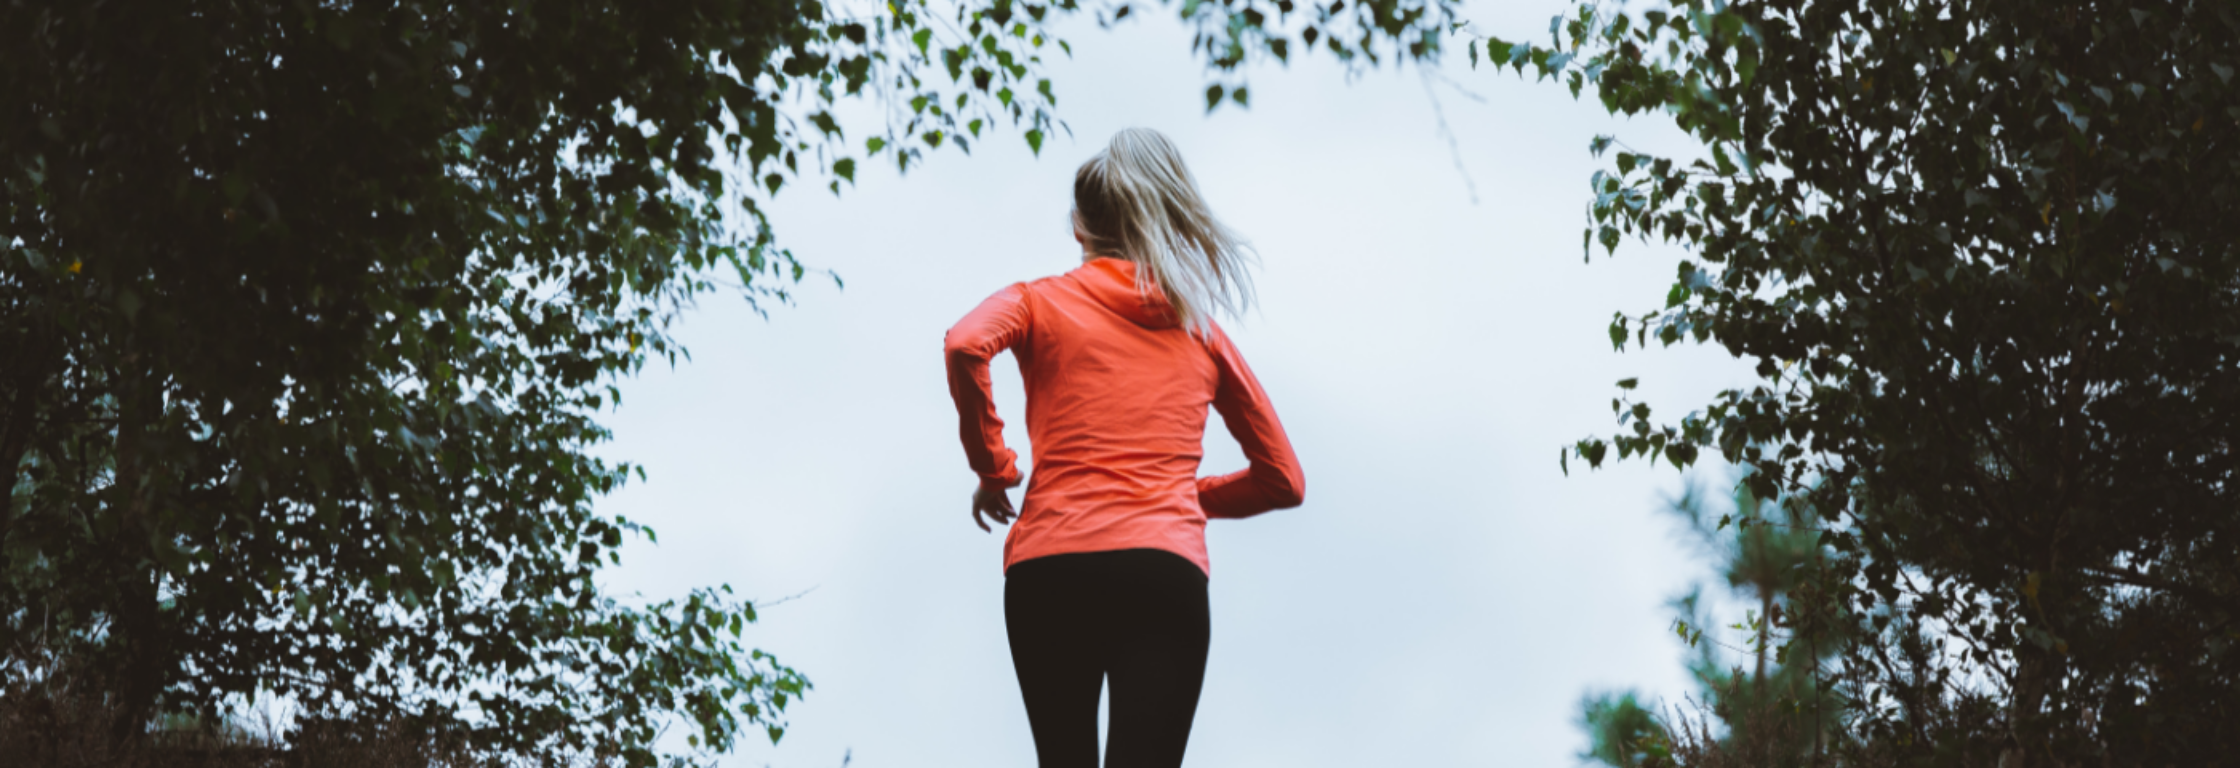 Hoe belangrijk is een gezonde levensstijl?